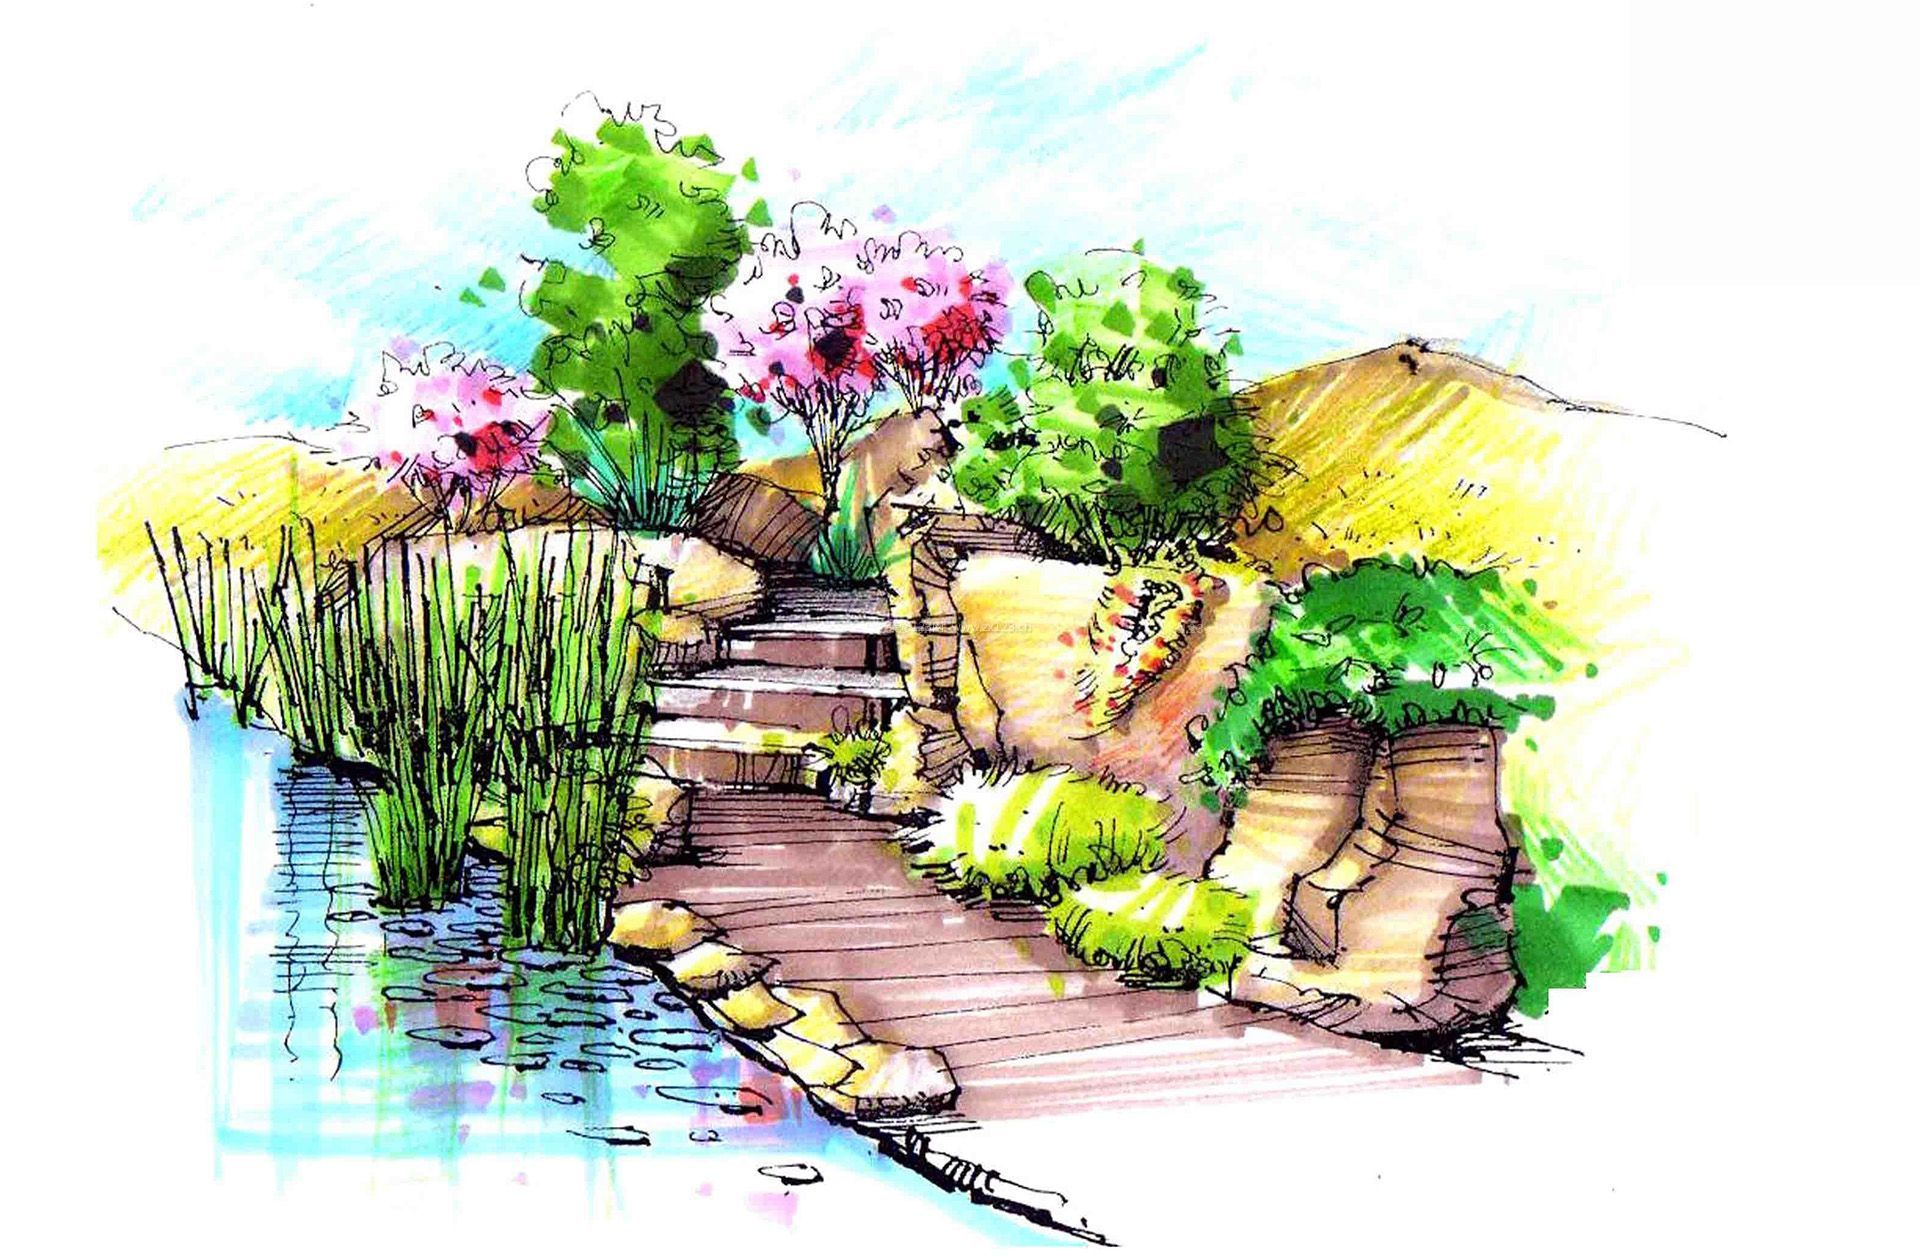 休闲区布置景观手绘效果图